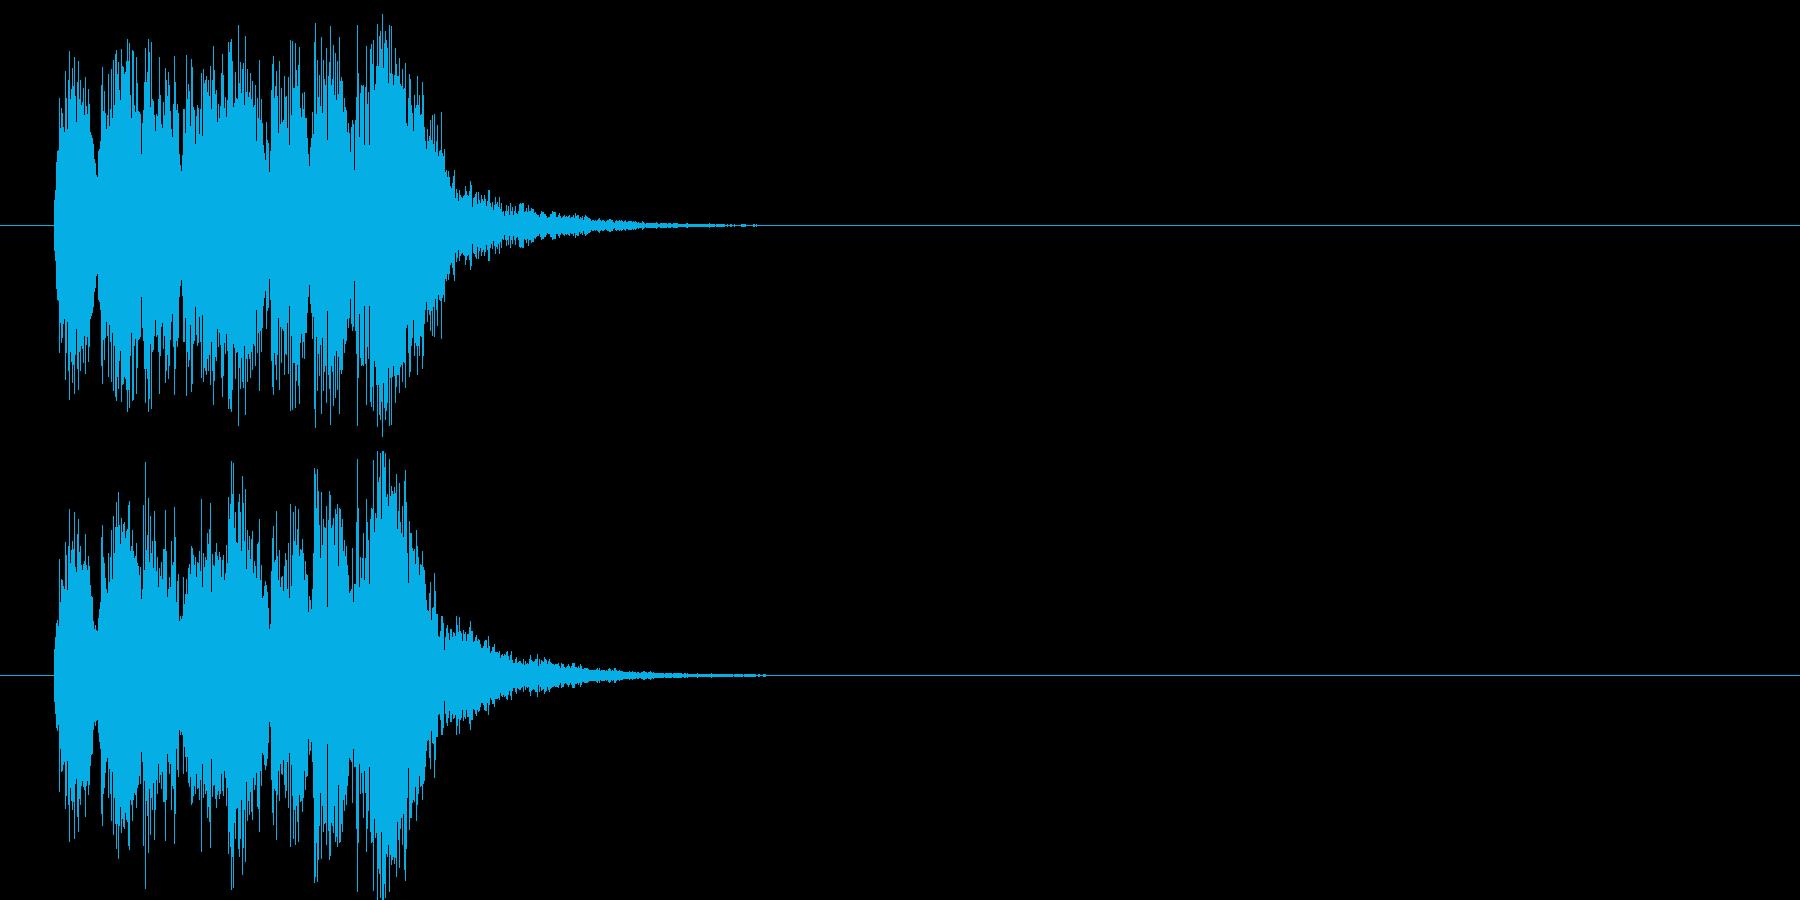 アタック 報道 サスペンス 緊張 不安の再生済みの波形